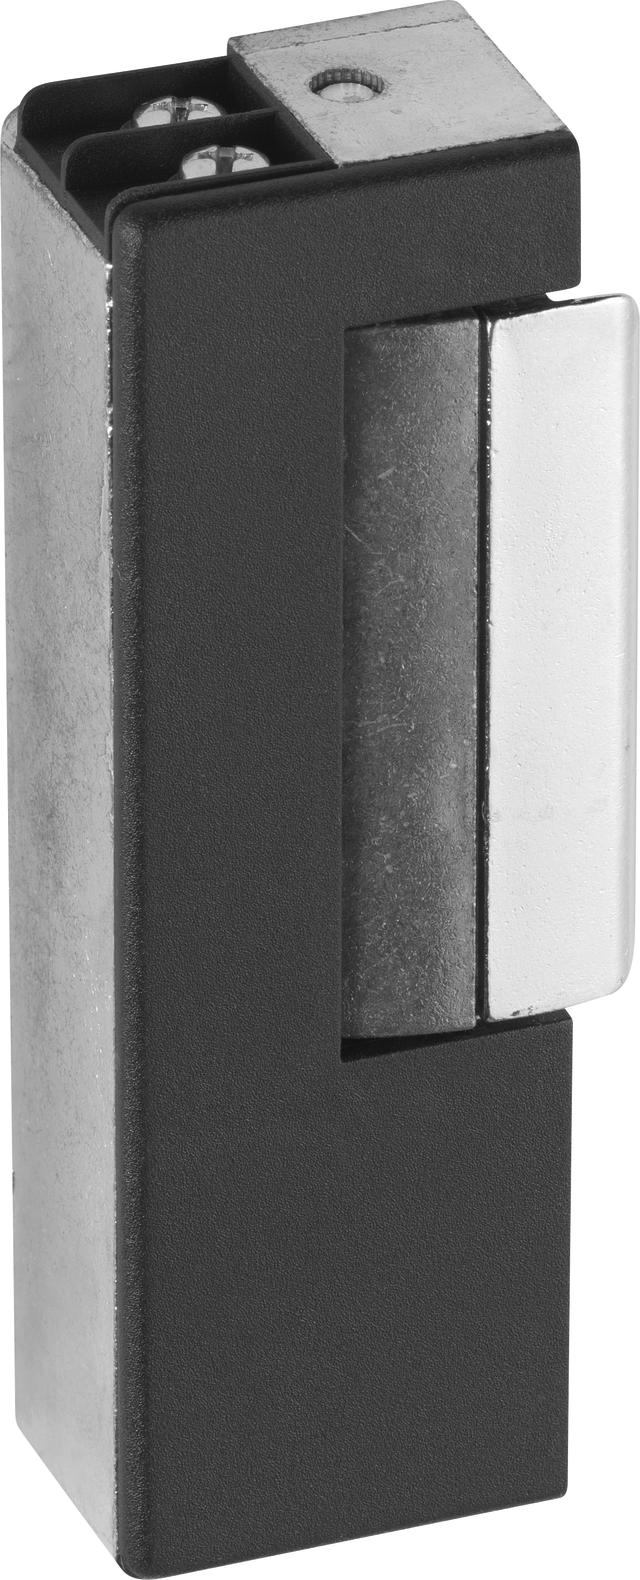 Elektrischer Türöffner ET60